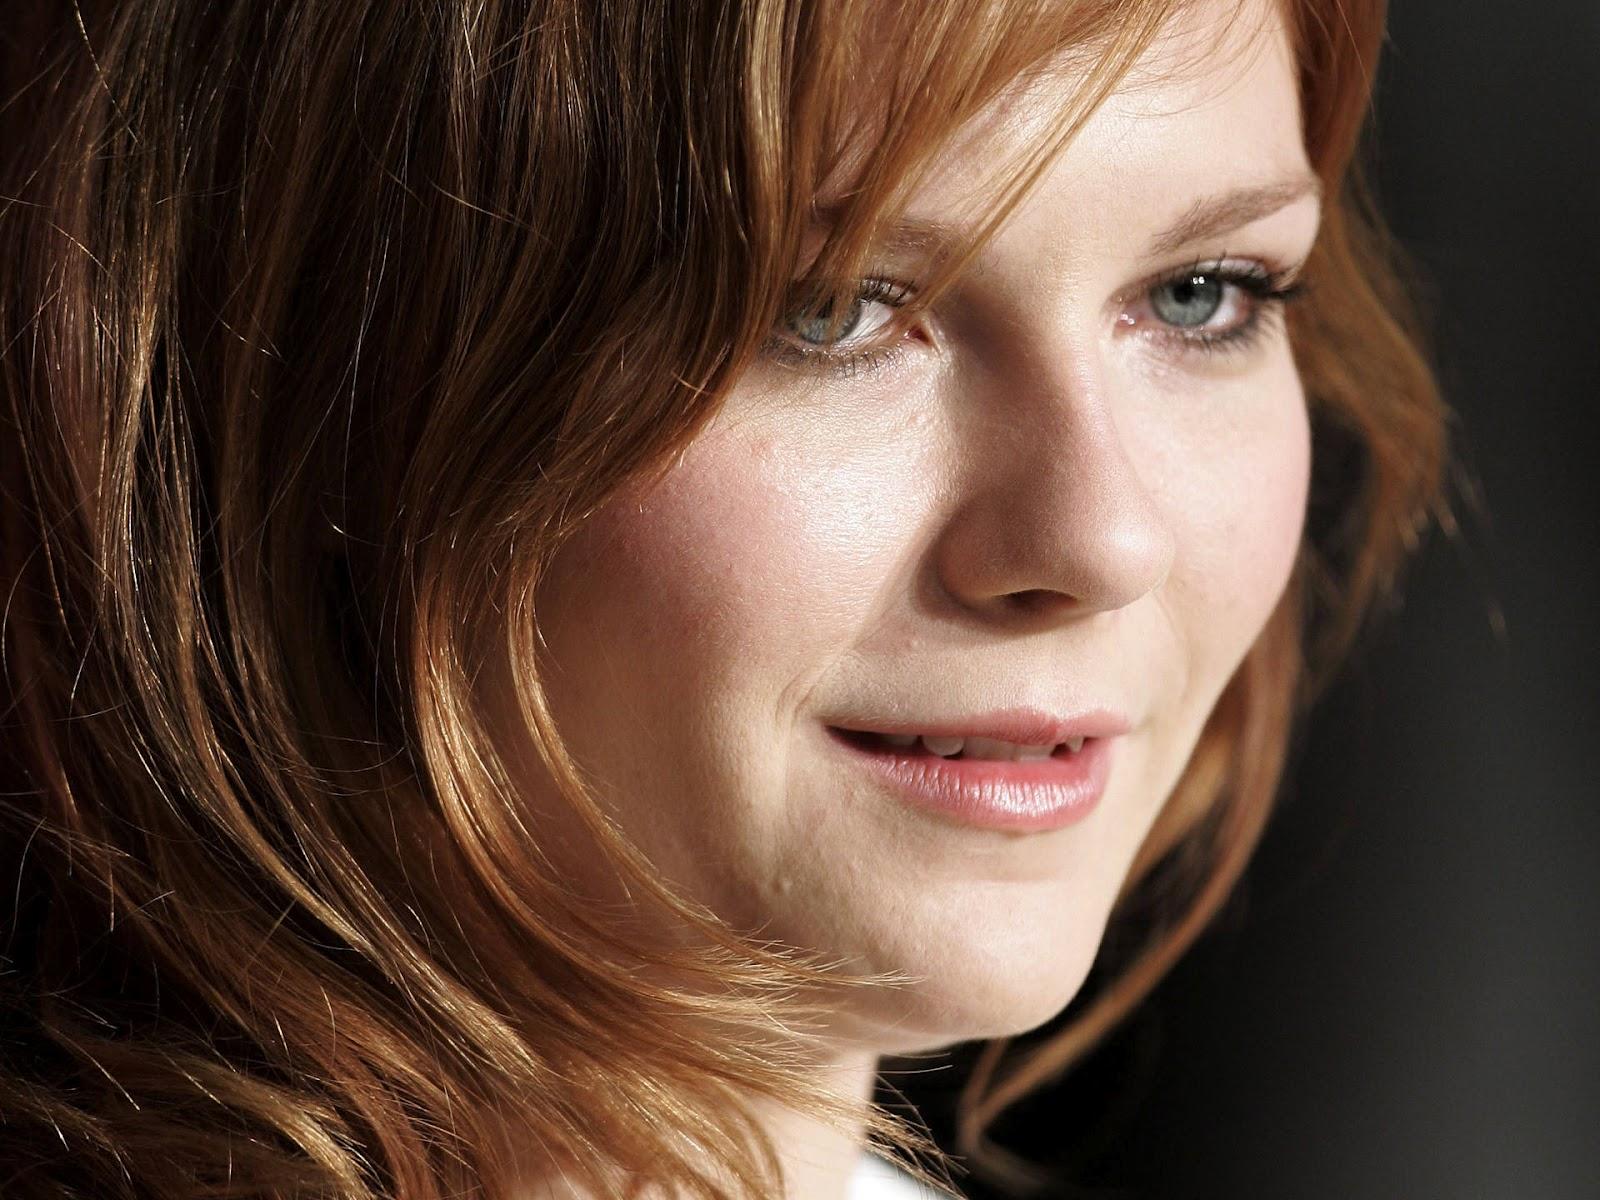 http://3.bp.blogspot.com/--a_UnMKRW98/T_8V5X4b0yI/AAAAAAAAAf8/BtT3um4cj50/s1600/Kirsten+Dunst+hair-penhahermess.blogspot.com-2440-kirsten-dunst-face-redhead-wallpaper-1920x1440-customity.jpg